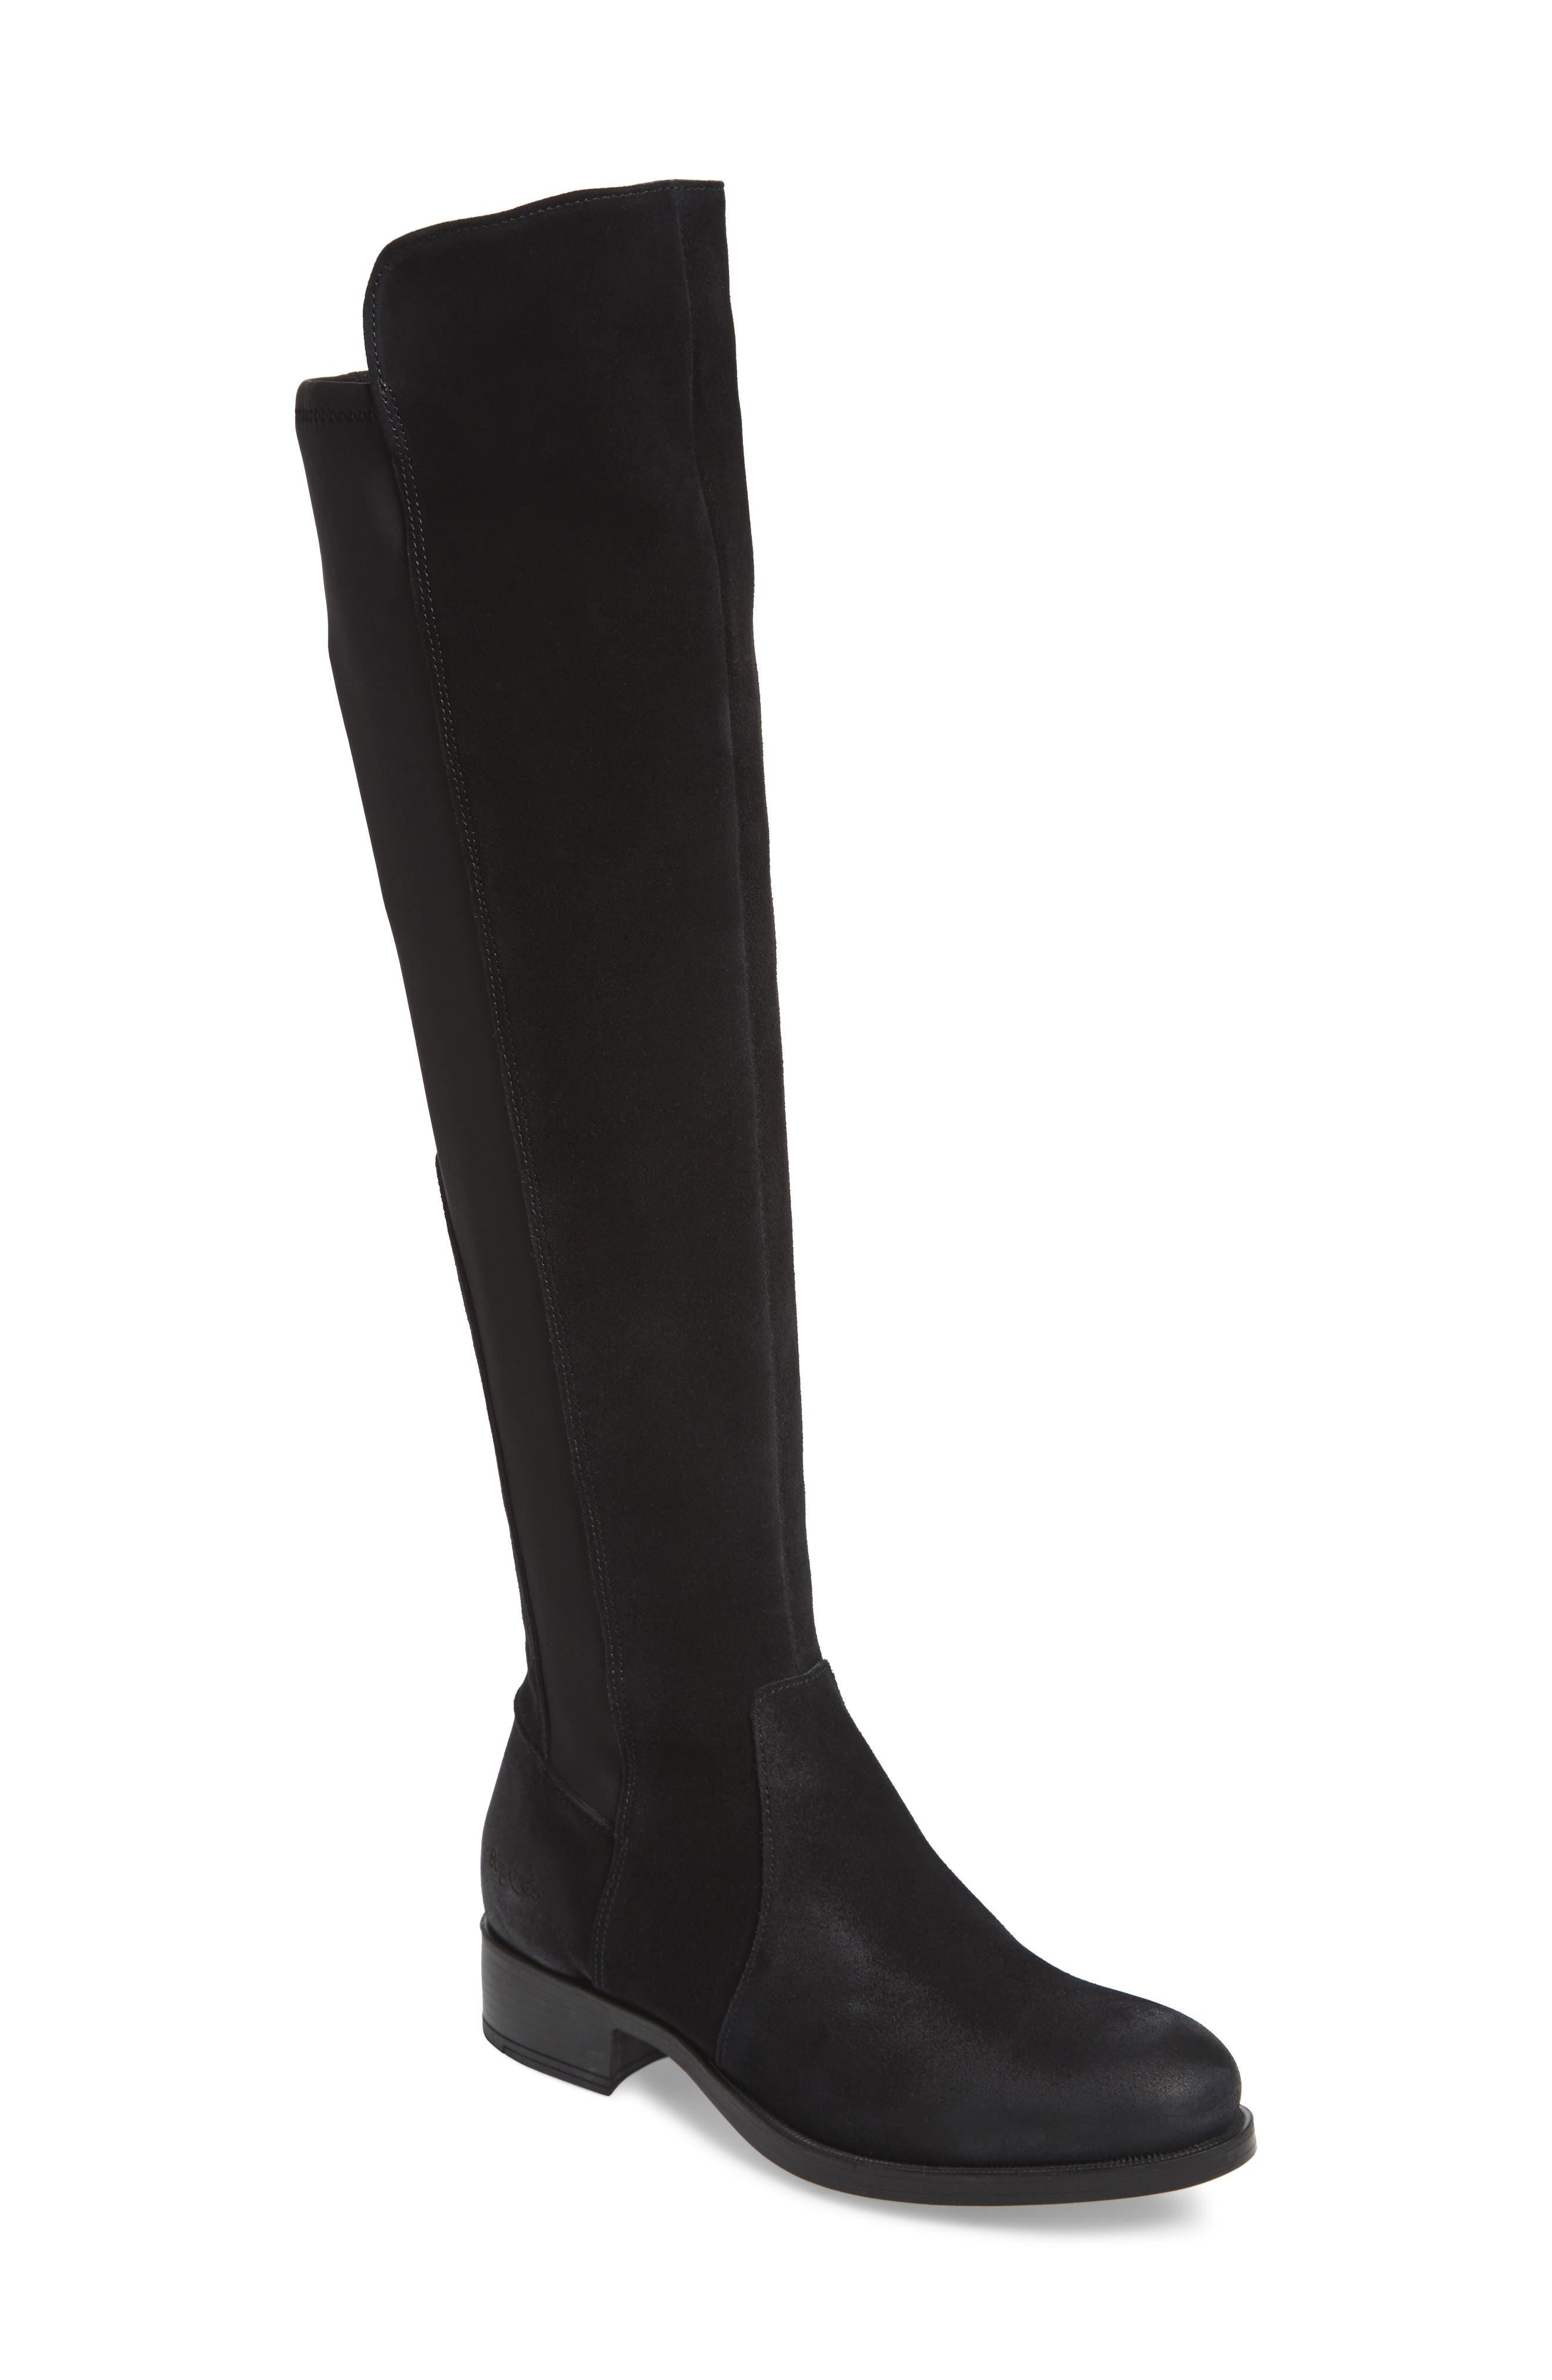 Bos. & Co. Bunt Waterproof Over the Knee Boot (Women)